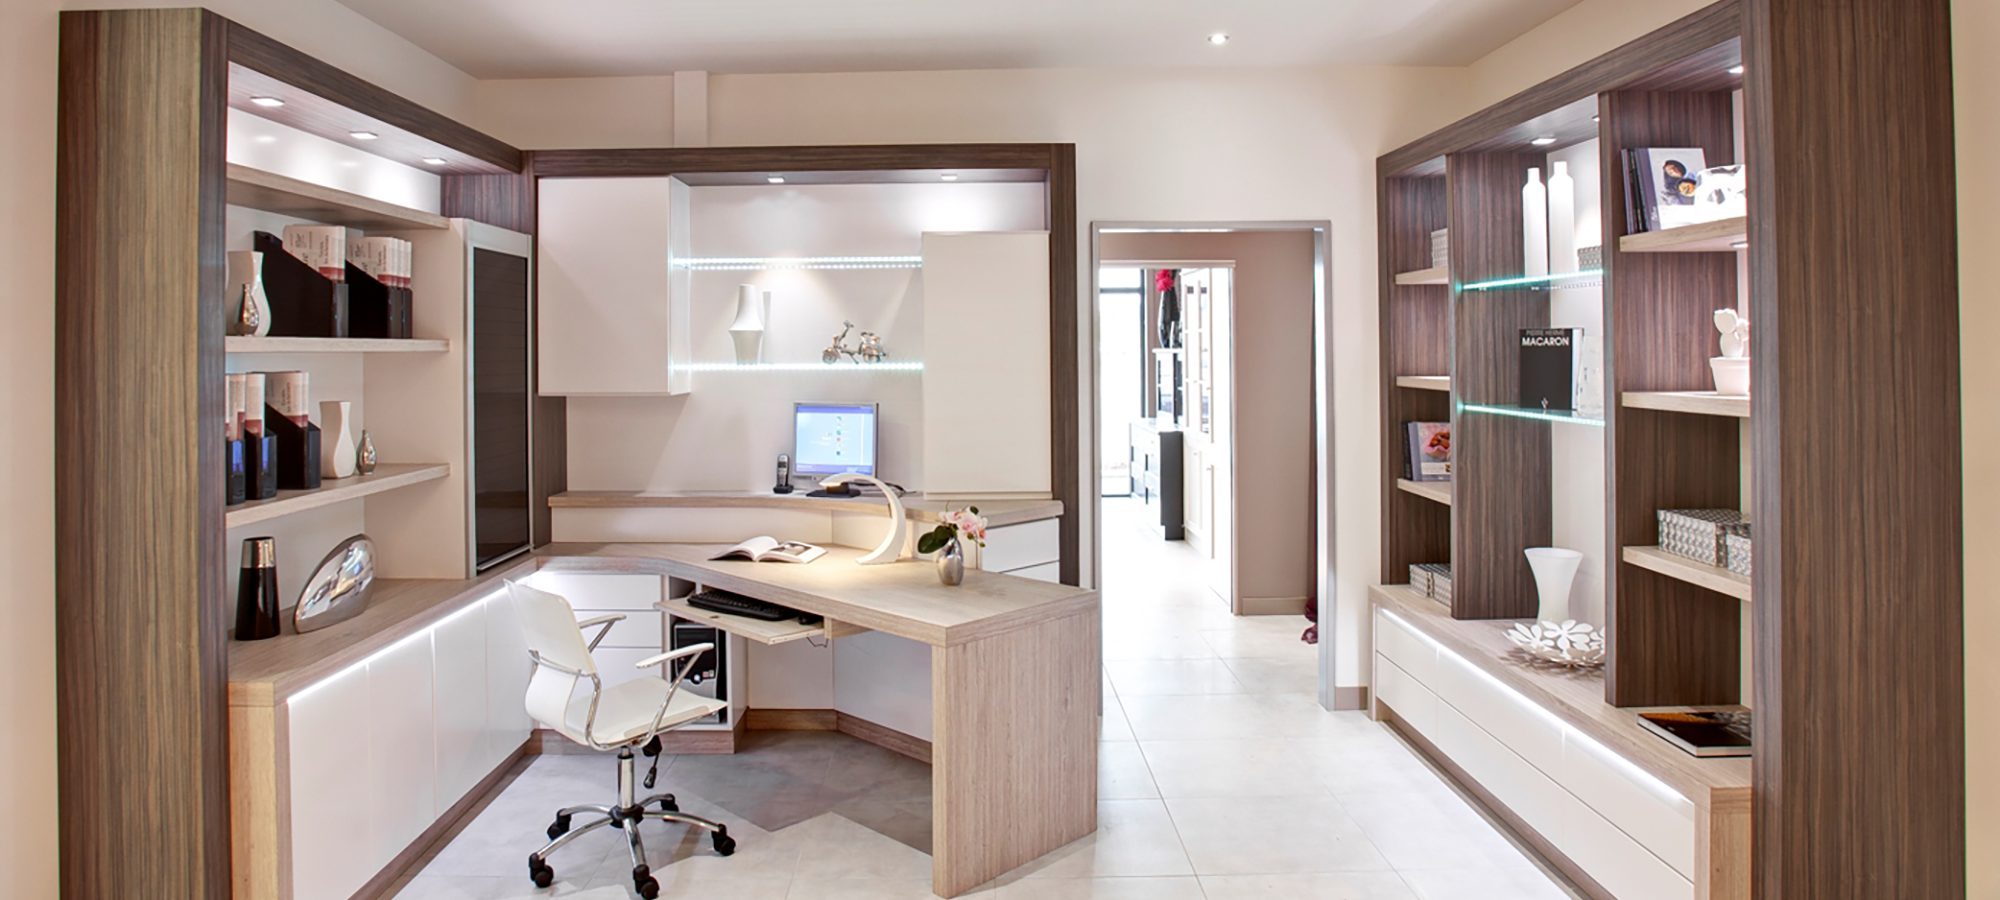 Créations Gravouille - Fabrication de bureaux et dressings ...